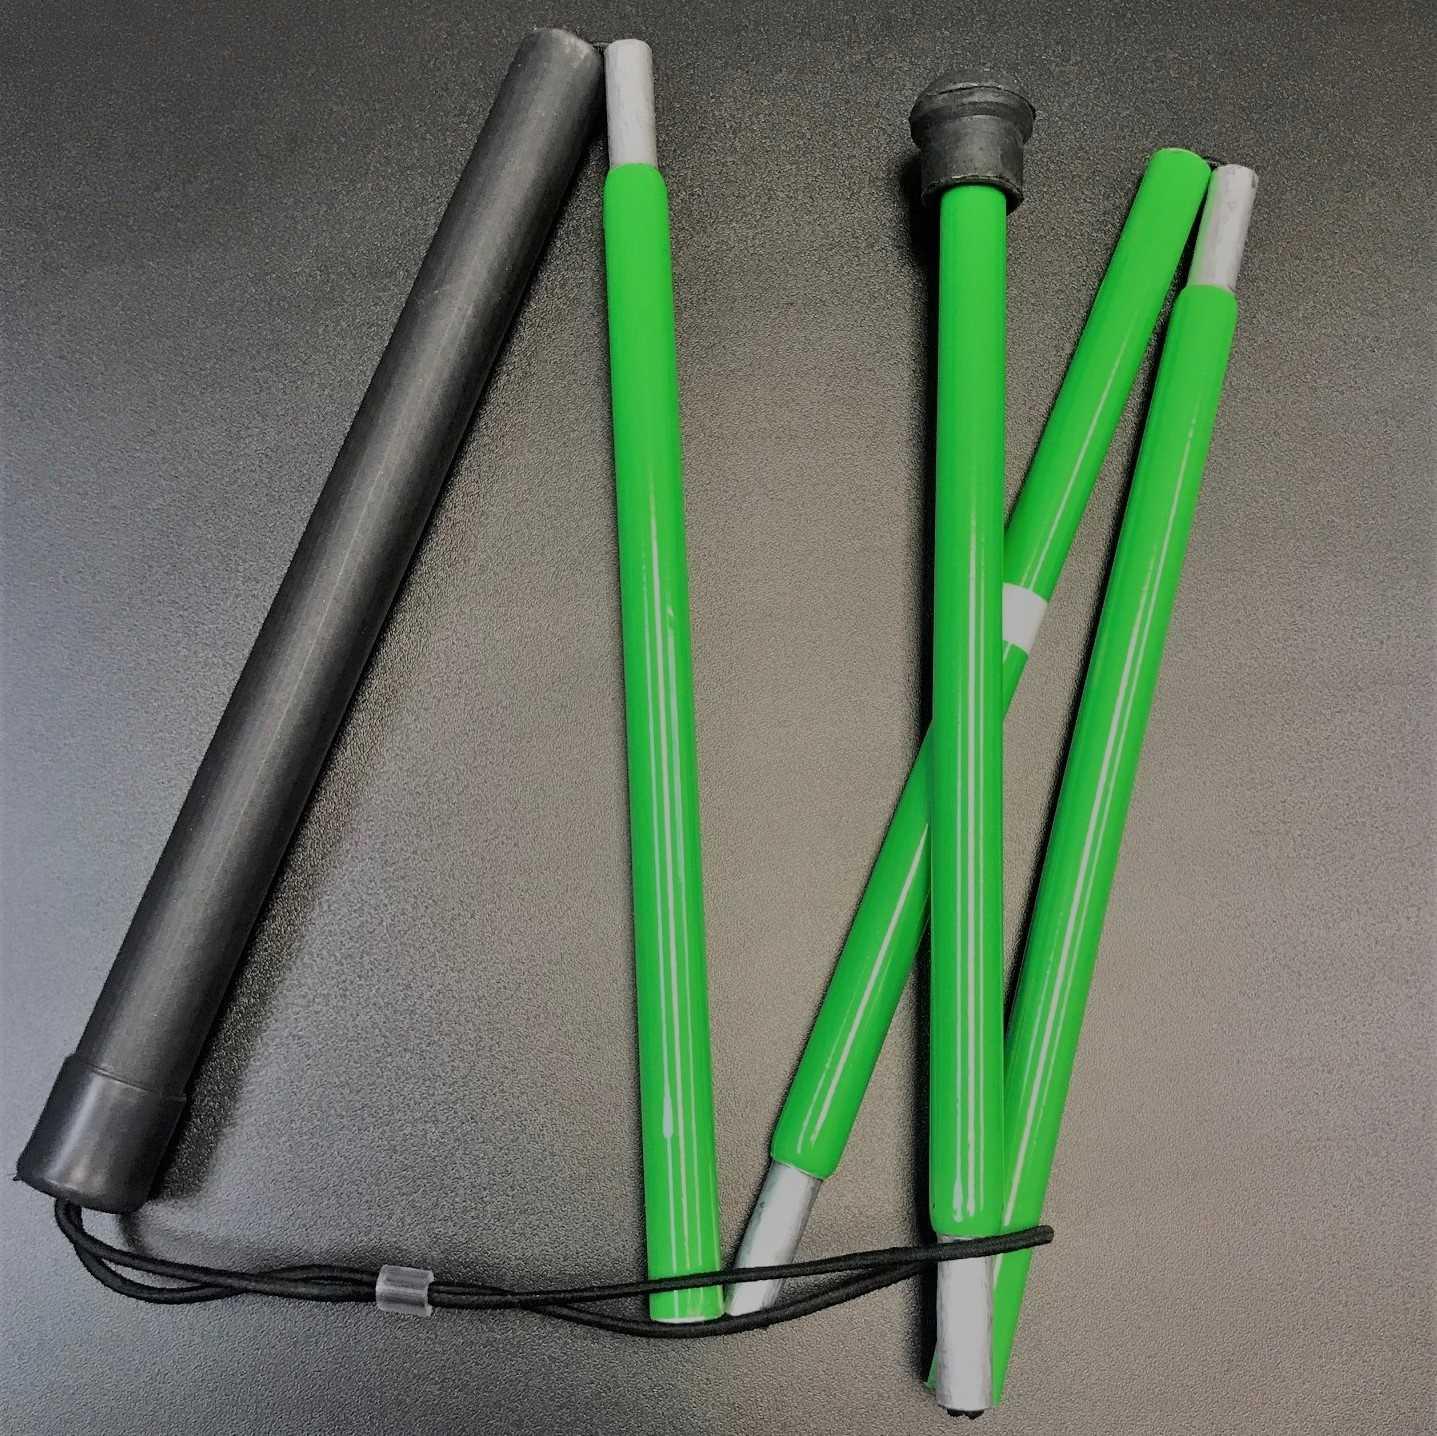 Bengala Verde para Baixa Visão Dobrável em 5 partes - 1,25m